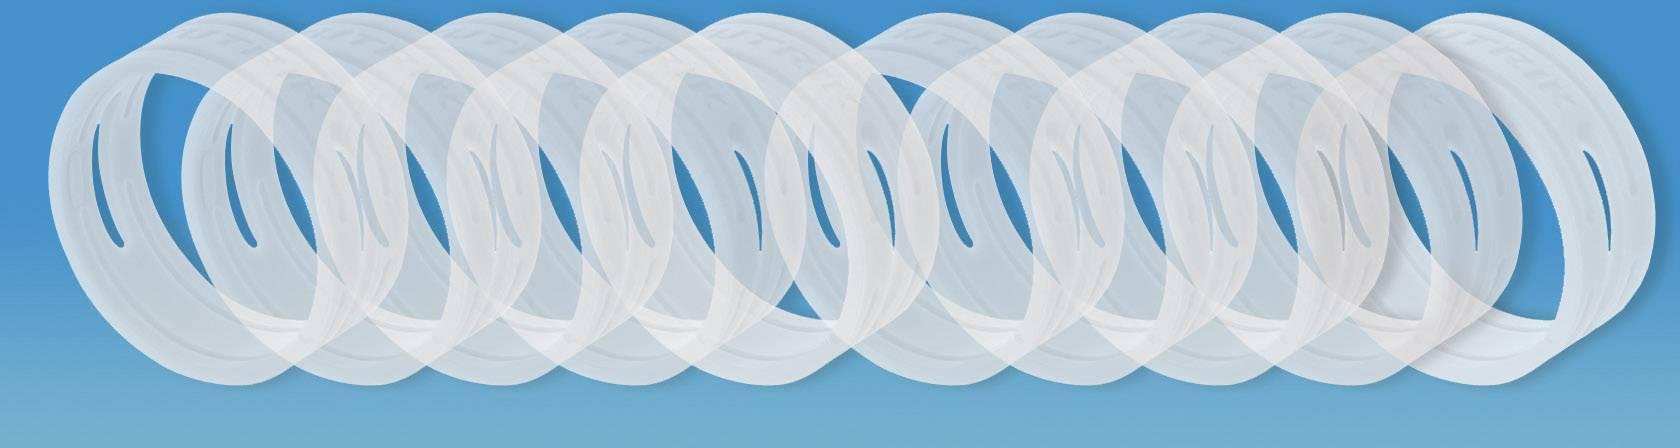 Kódovací kroužek Neutrik XXCR-SET-MIX, 10 ks, transparentní